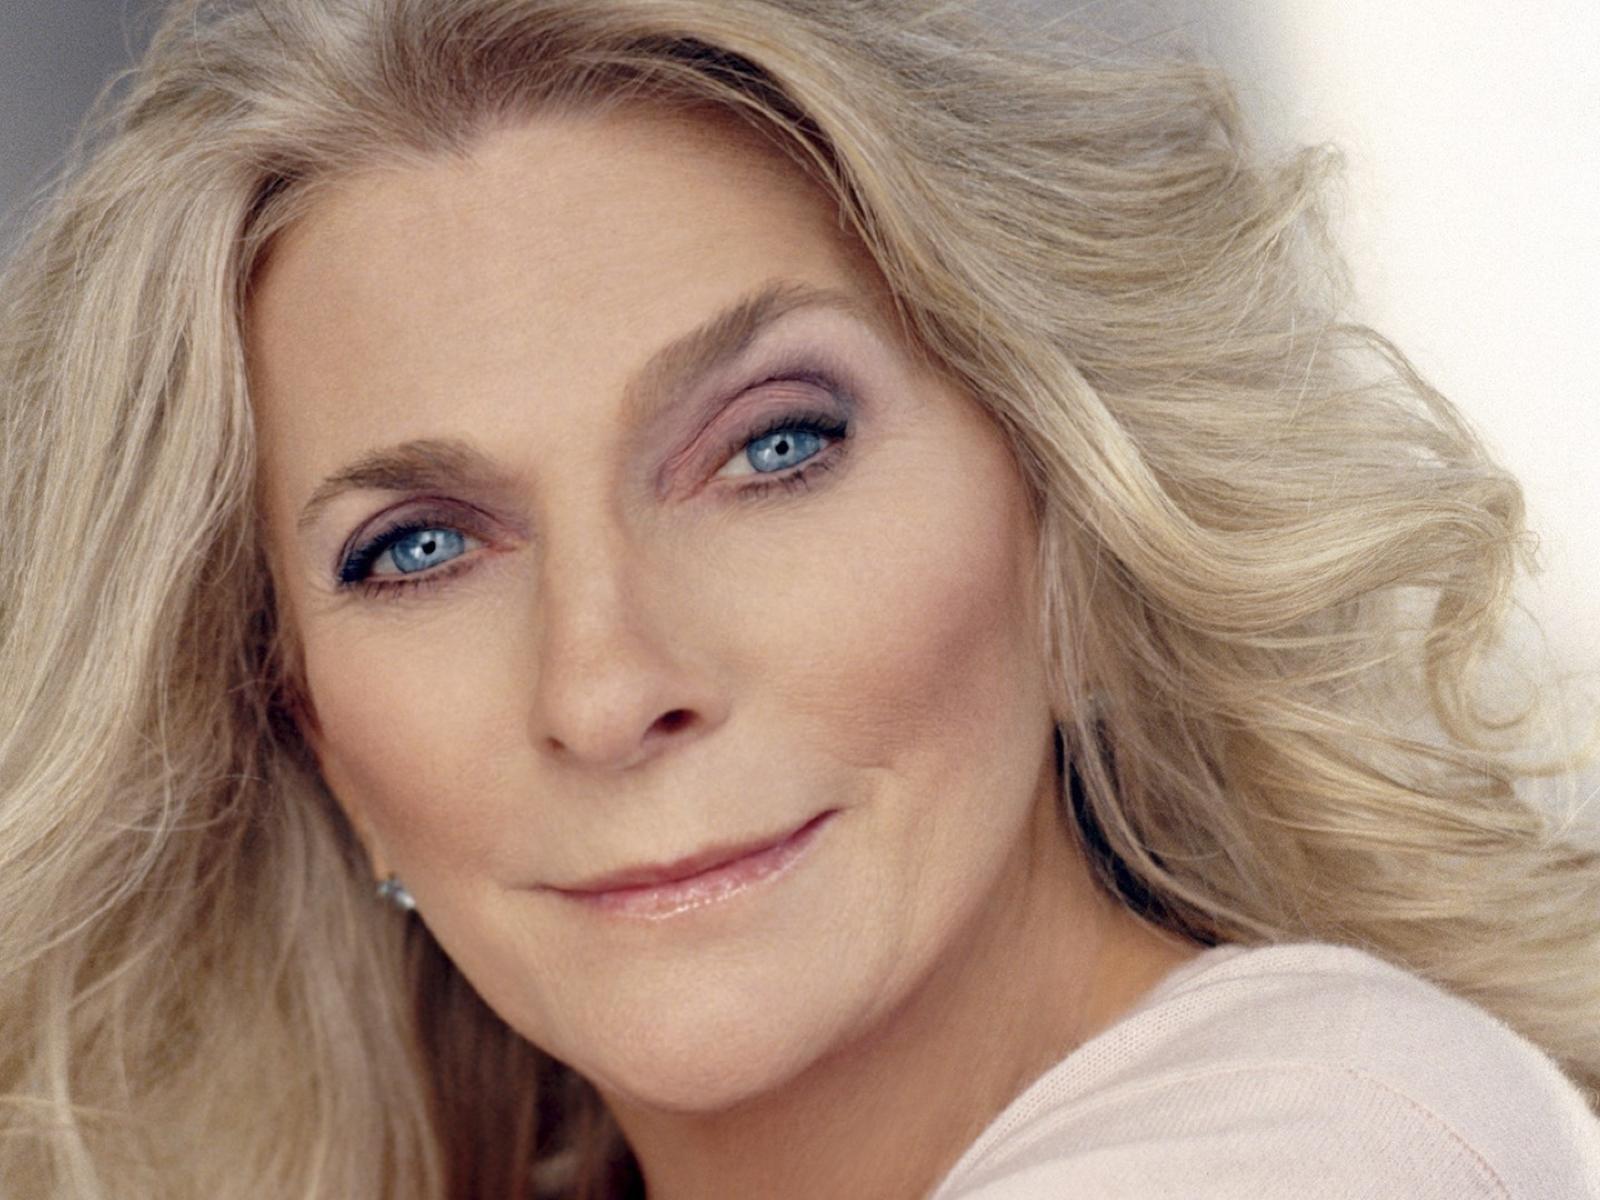 Джуди Коллинз: биография, карьера, личная жизнь